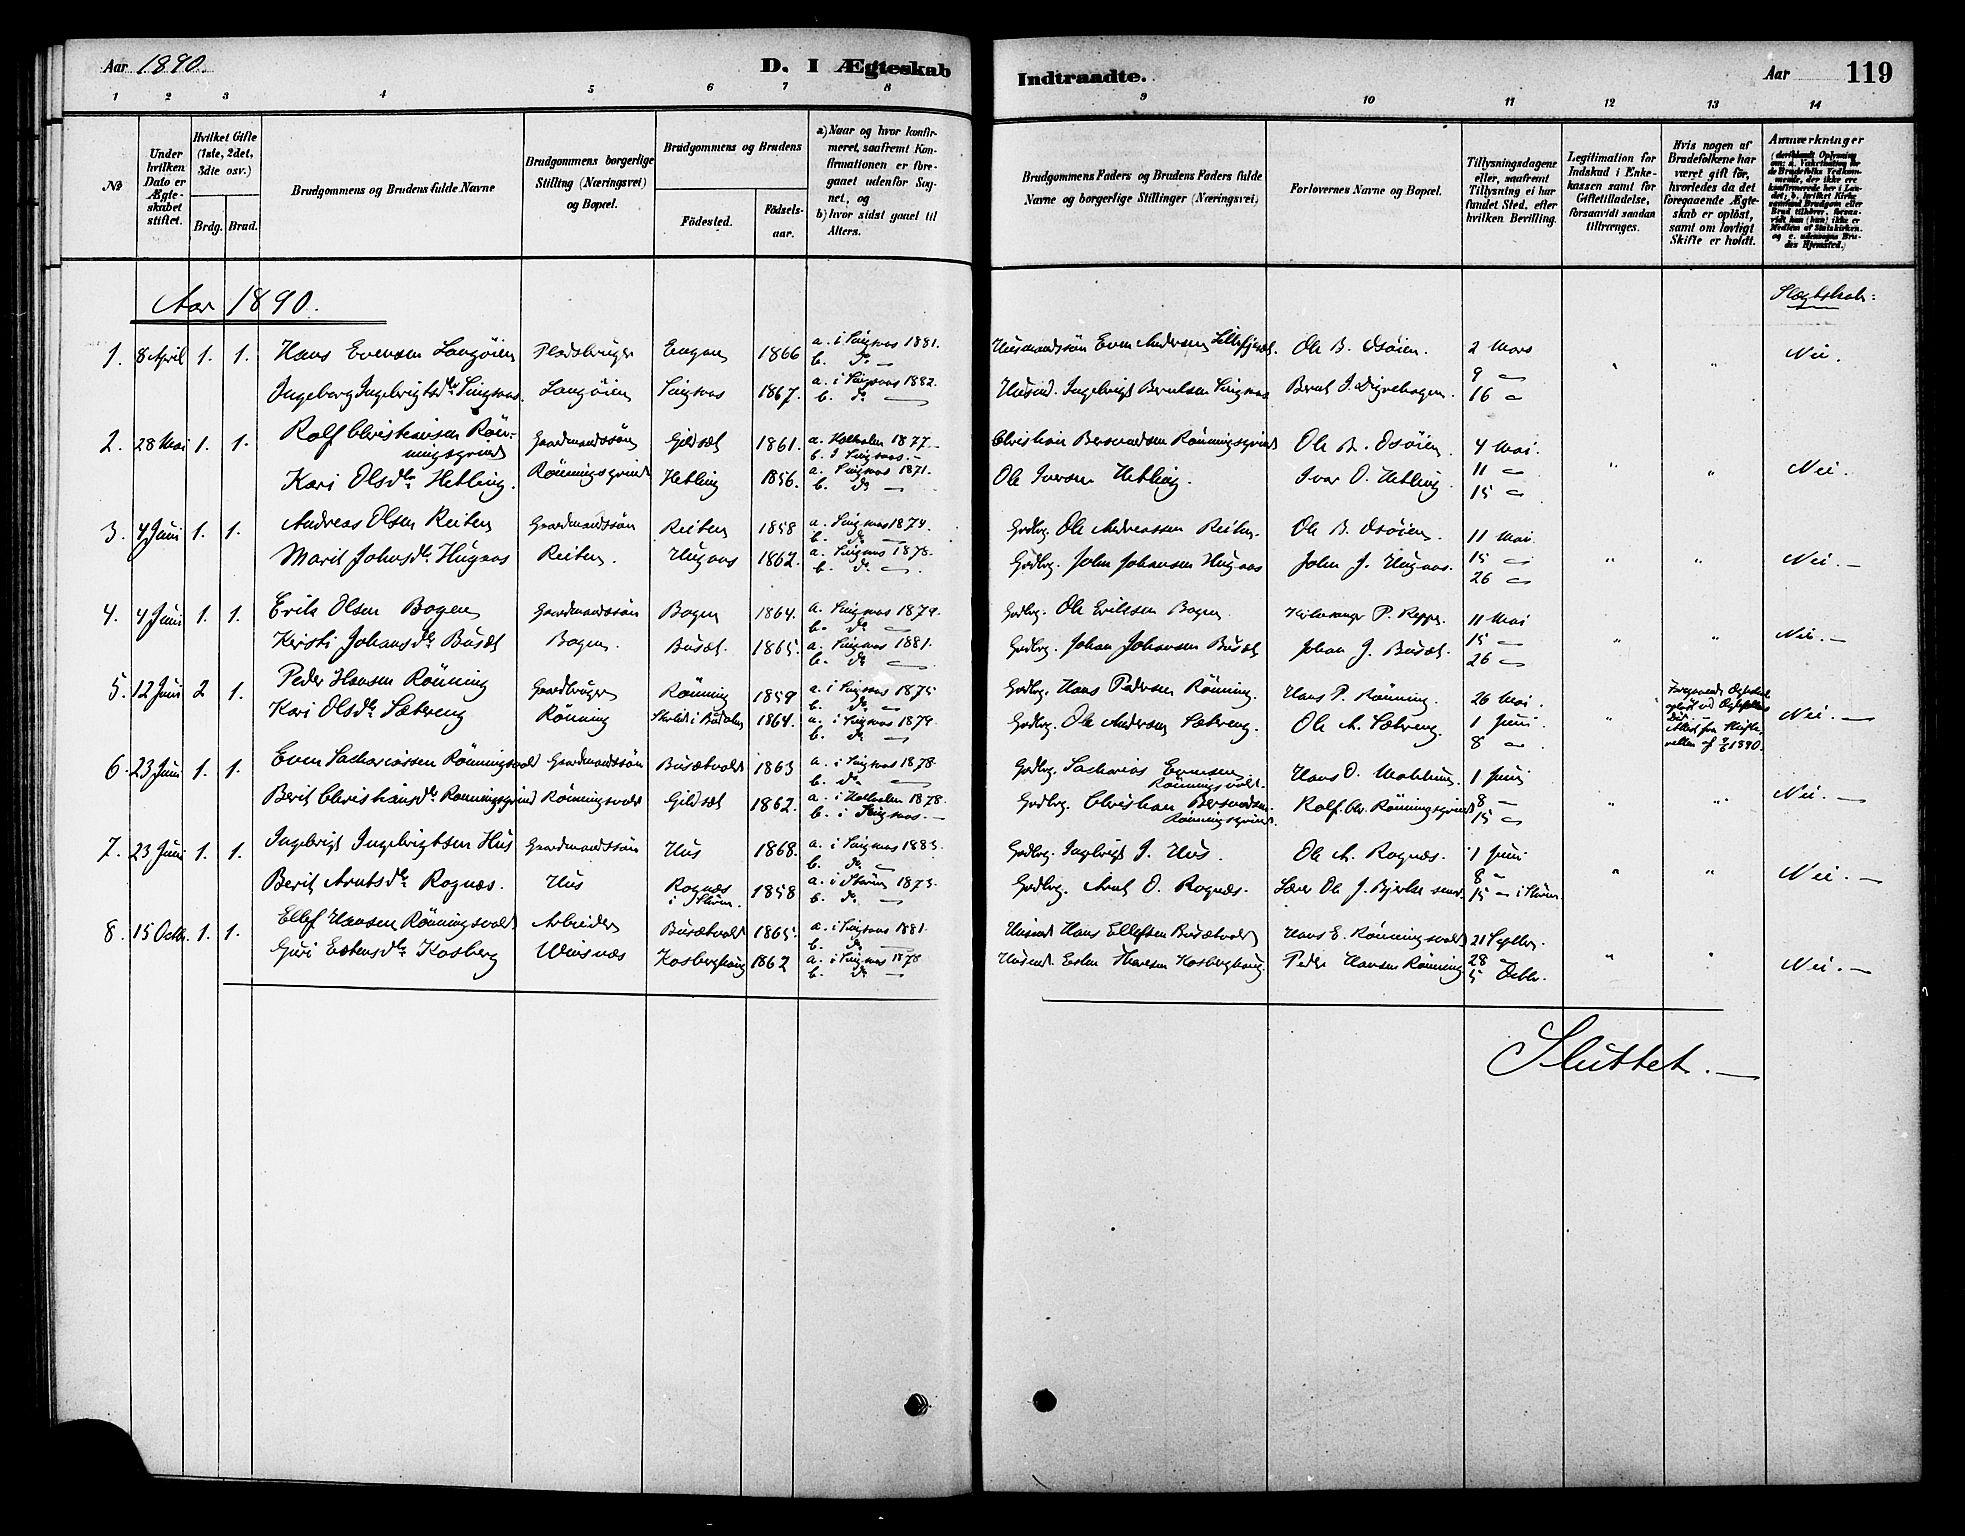 SAT, Ministerialprotokoller, klokkerbøker og fødselsregistre - Sør-Trøndelag, 688/L1024: Ministerialbok nr. 688A01, 1879-1890, s. 119